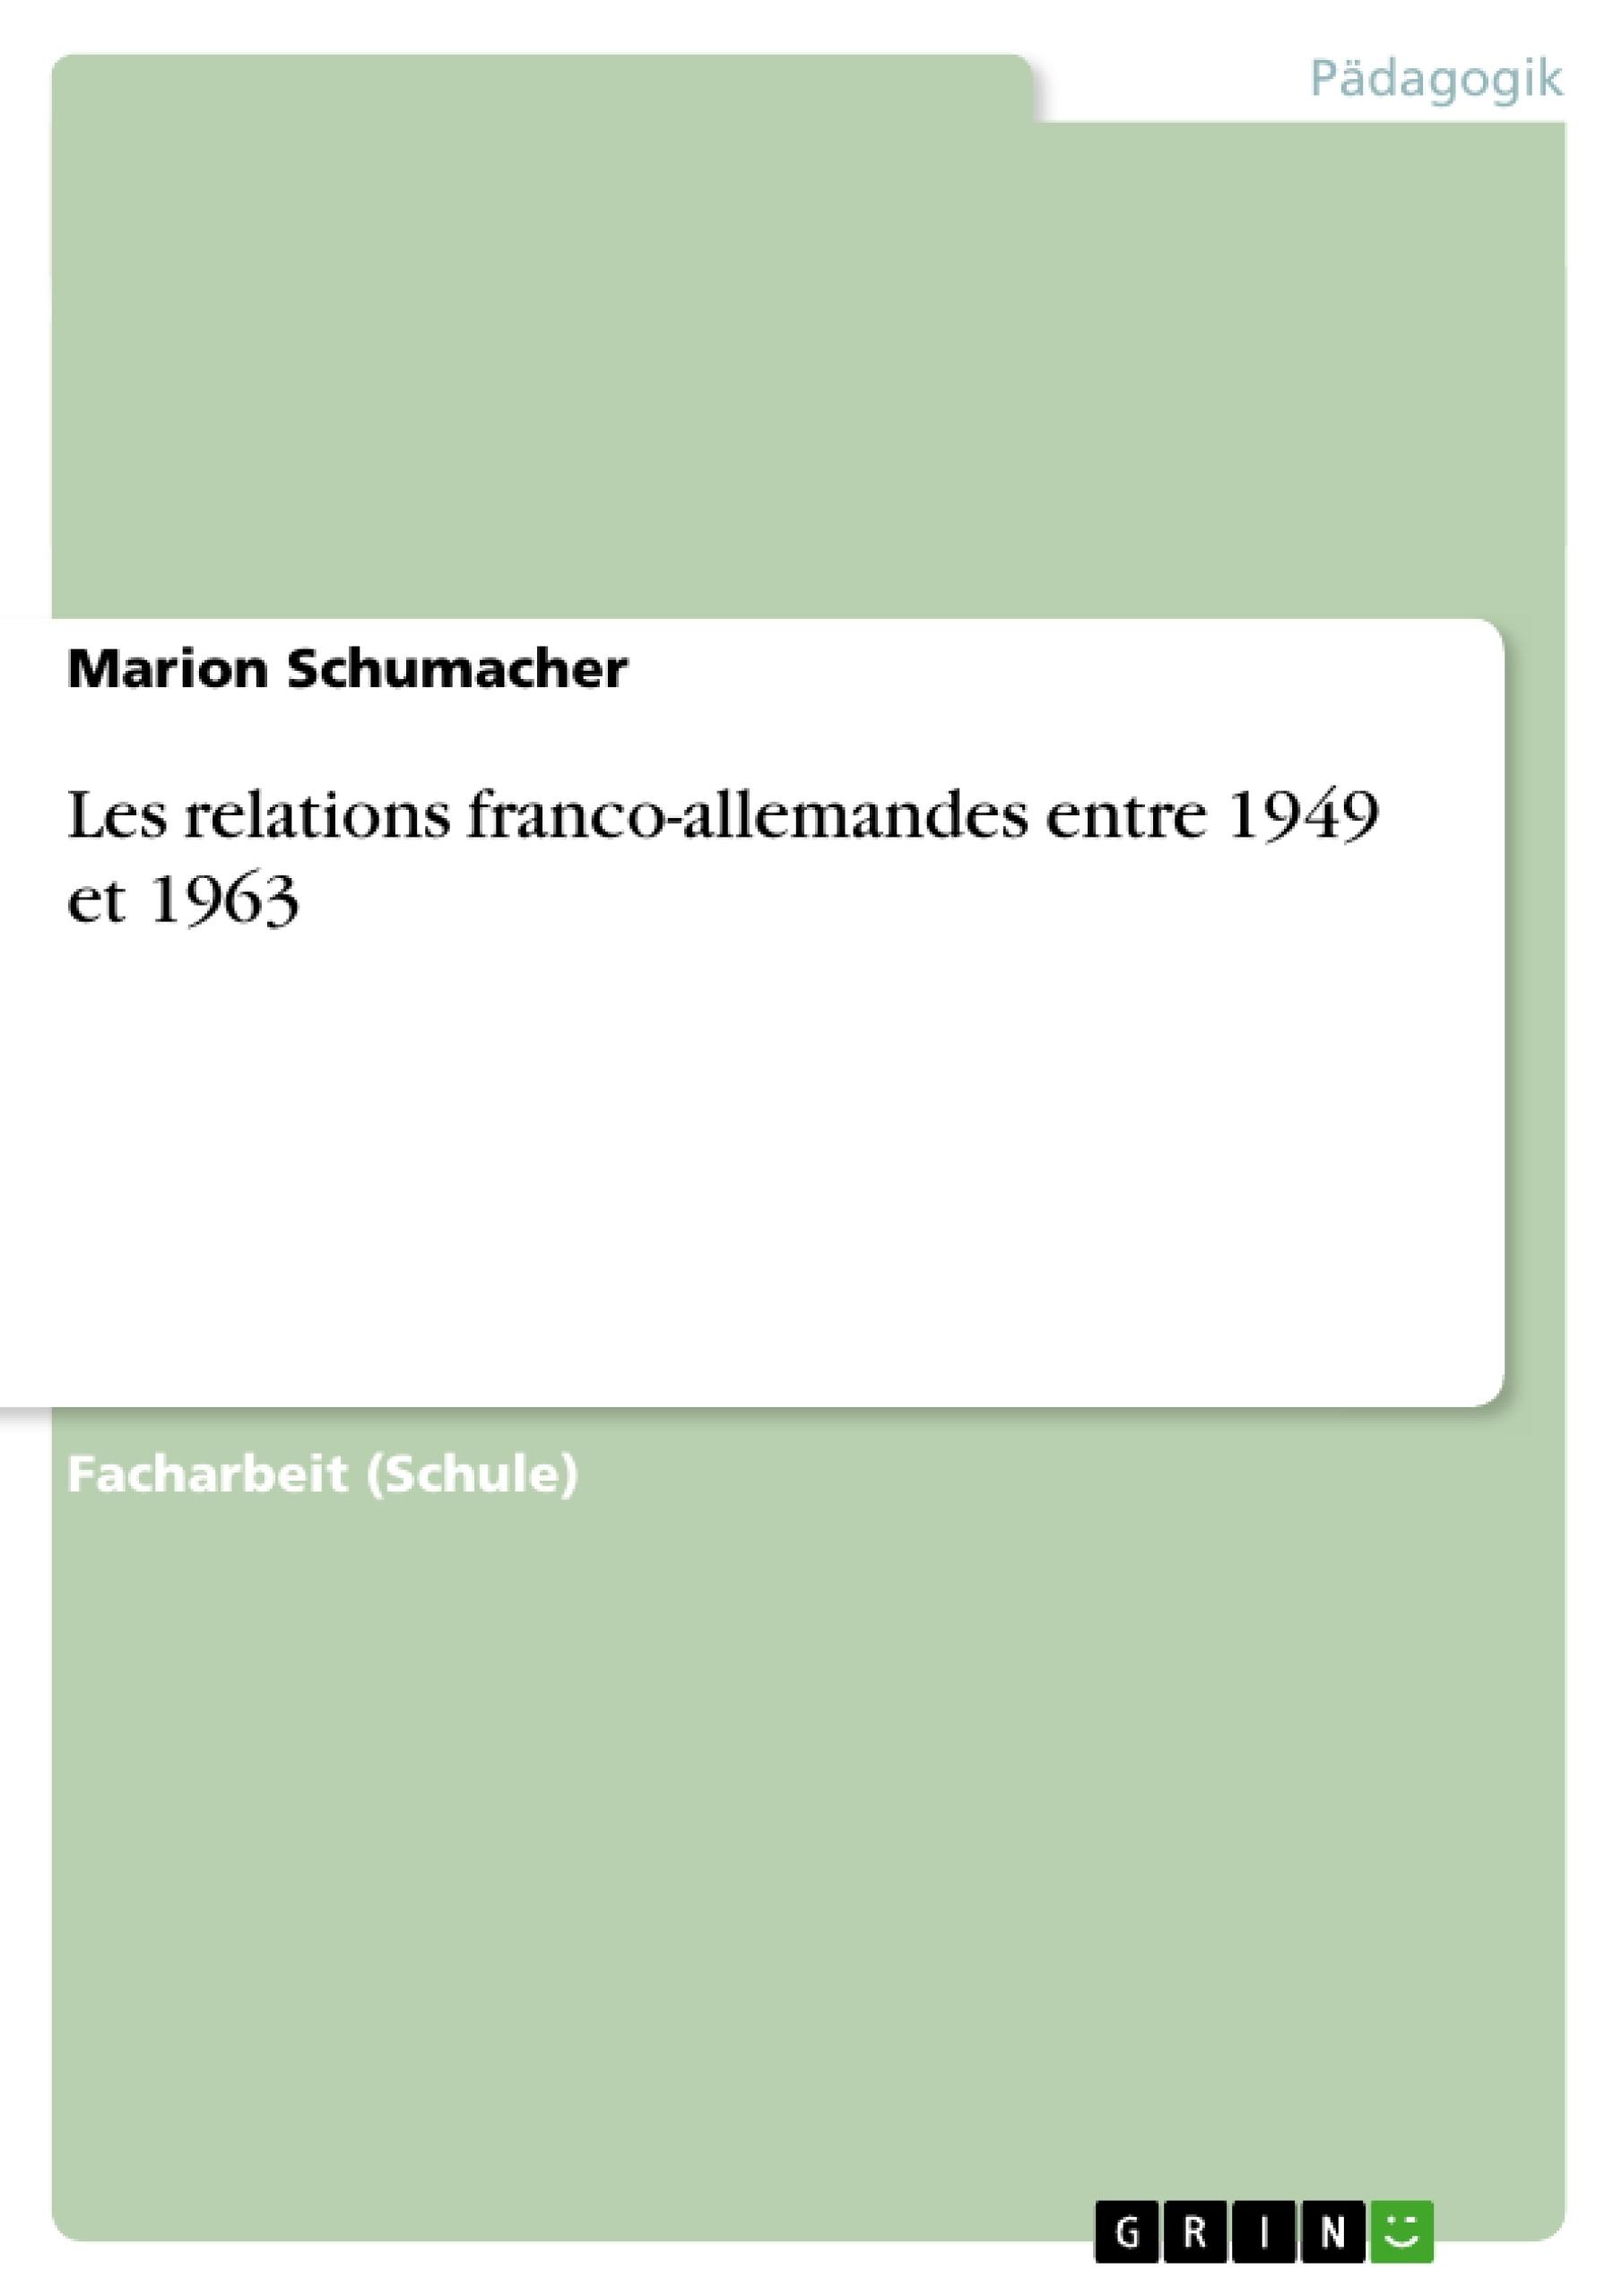 Titel: Les relations franco-allemandes entre 1949 et 1963